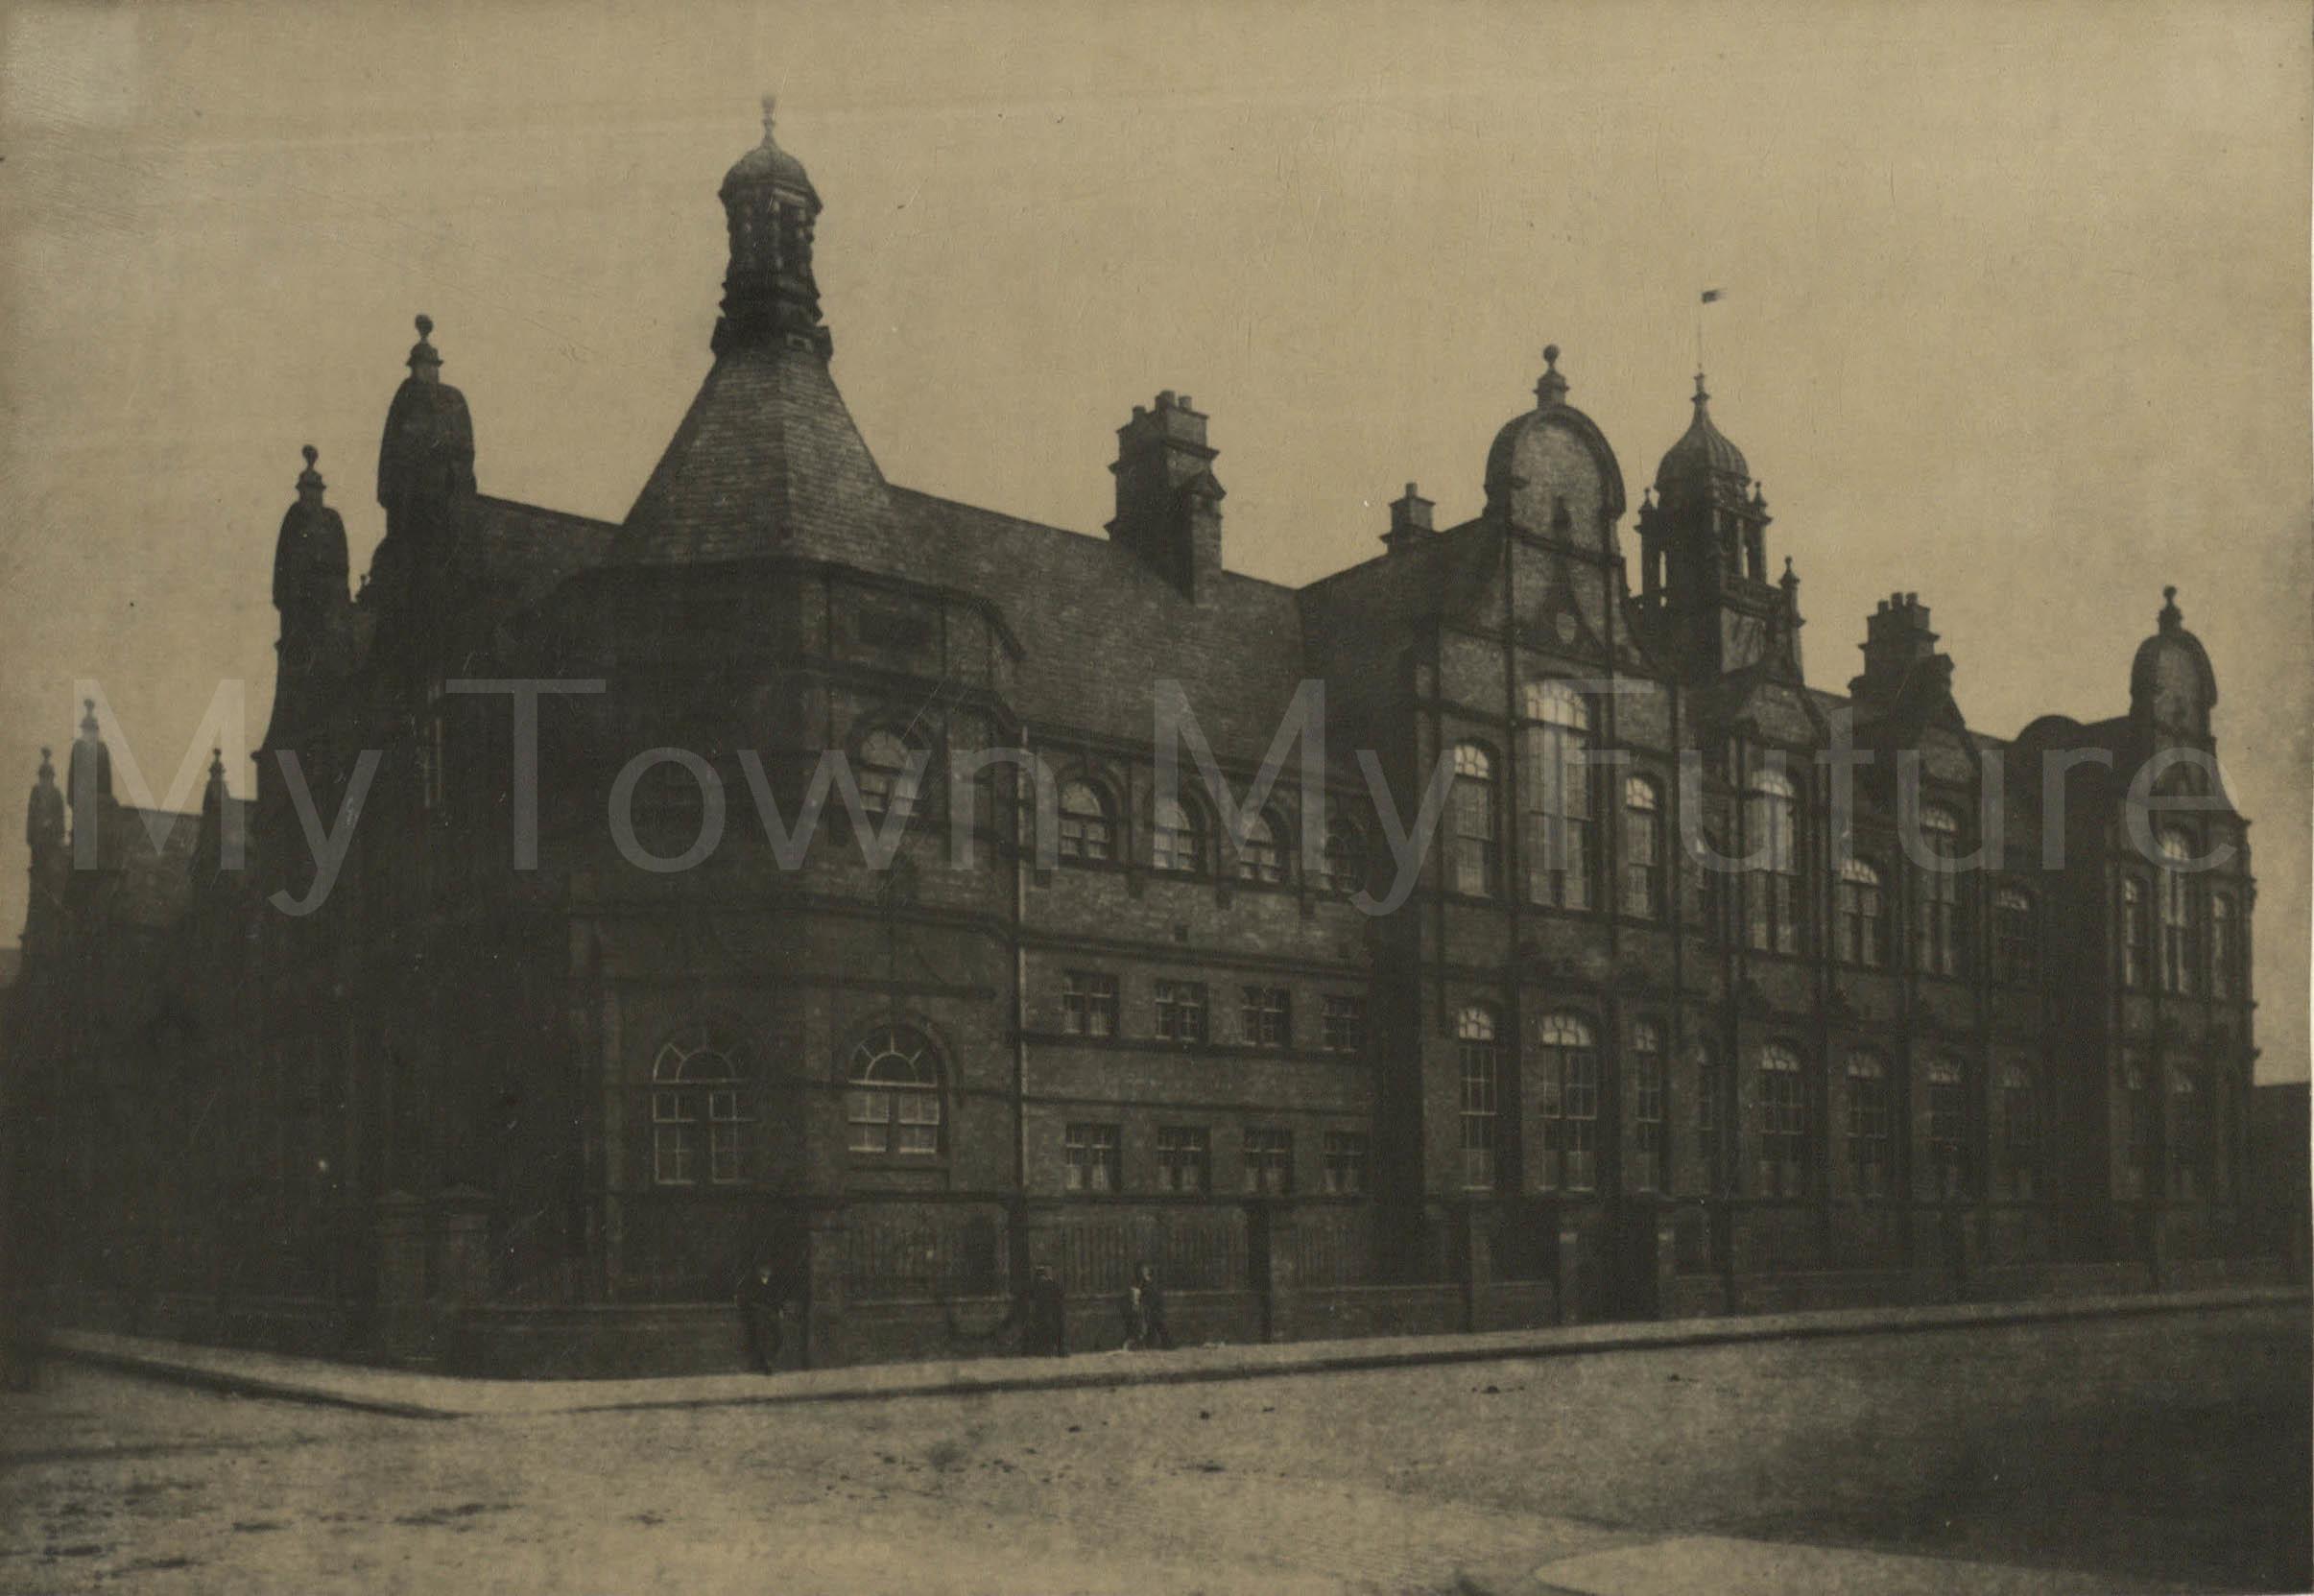 Hugh Bell School